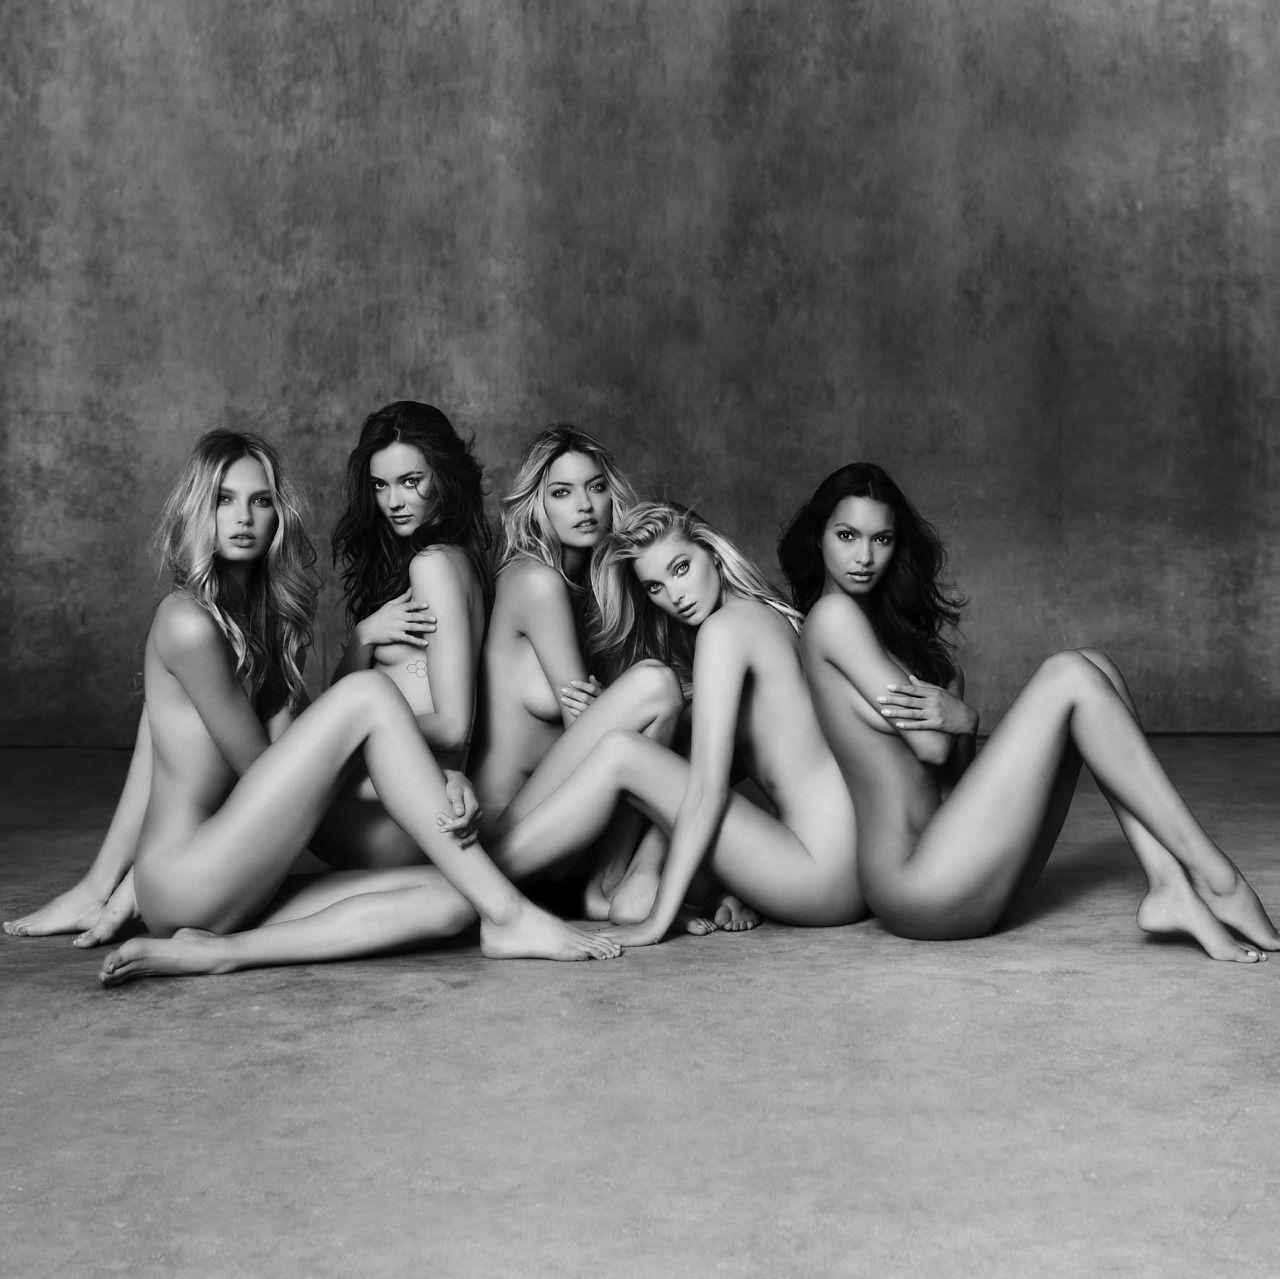 Victoria's secret fashion show nude scenes ancensored